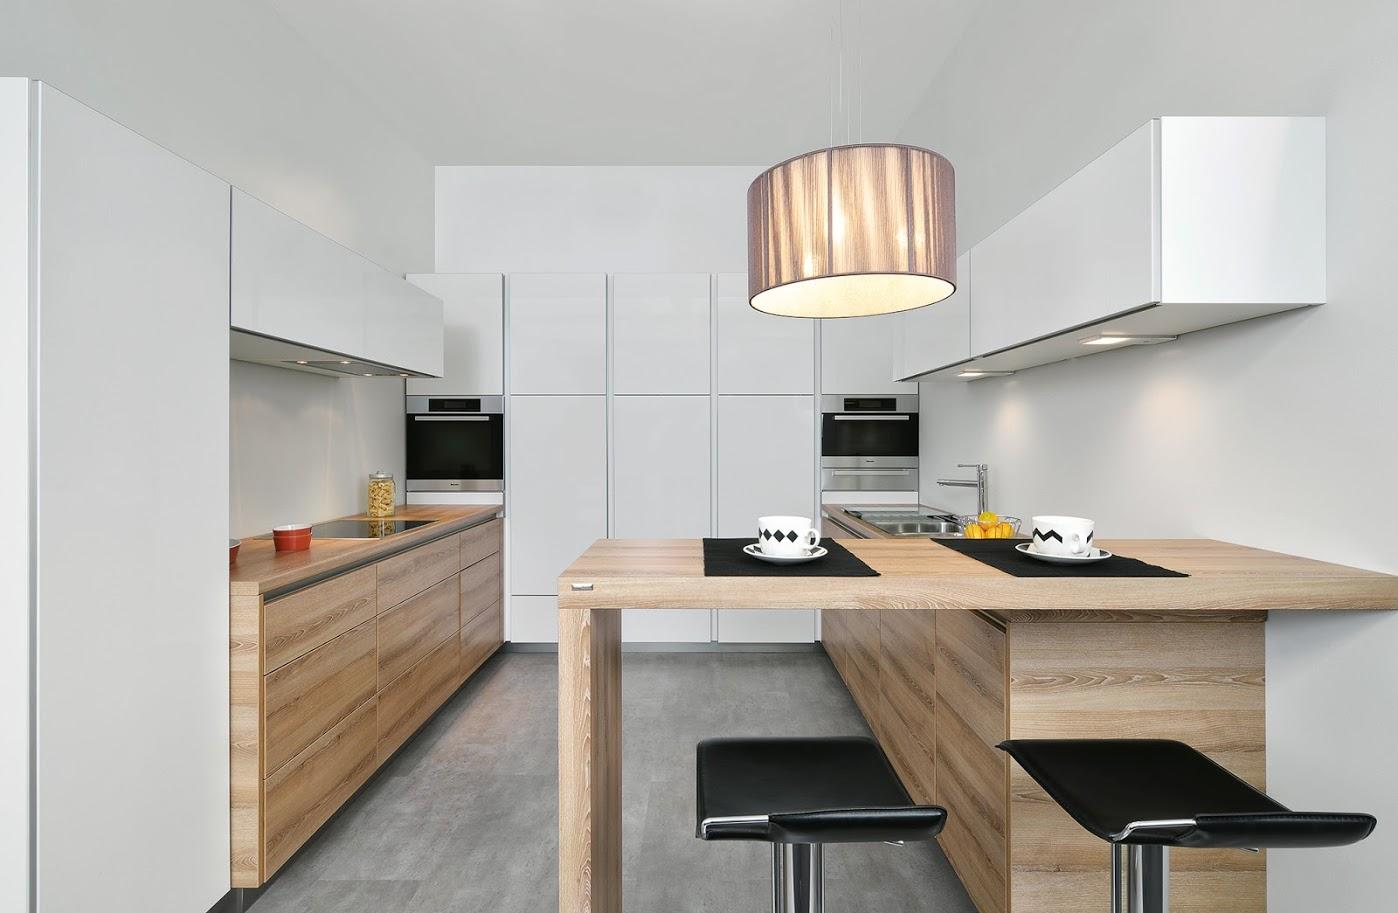 G kuche massgeschneidert direkt ab werk deutschland mallorca for Küchen ab werk